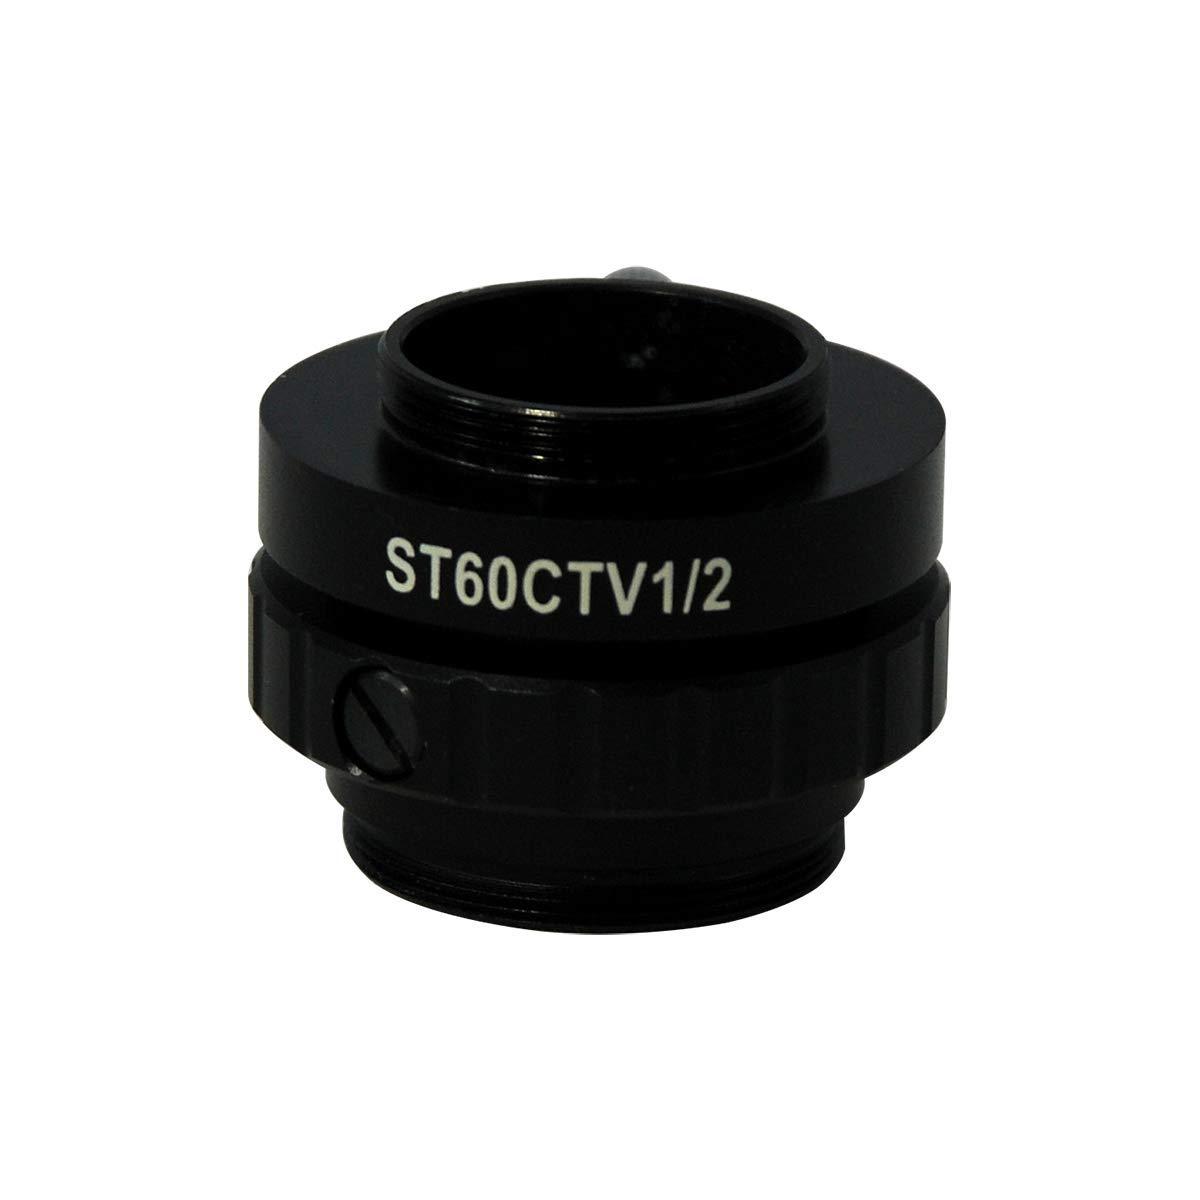 BoliOptics 0.5X 調節可能な顕微鏡カメラカプラー Cマウントアダプター 28mm FS05036131   B078JD1ZFX